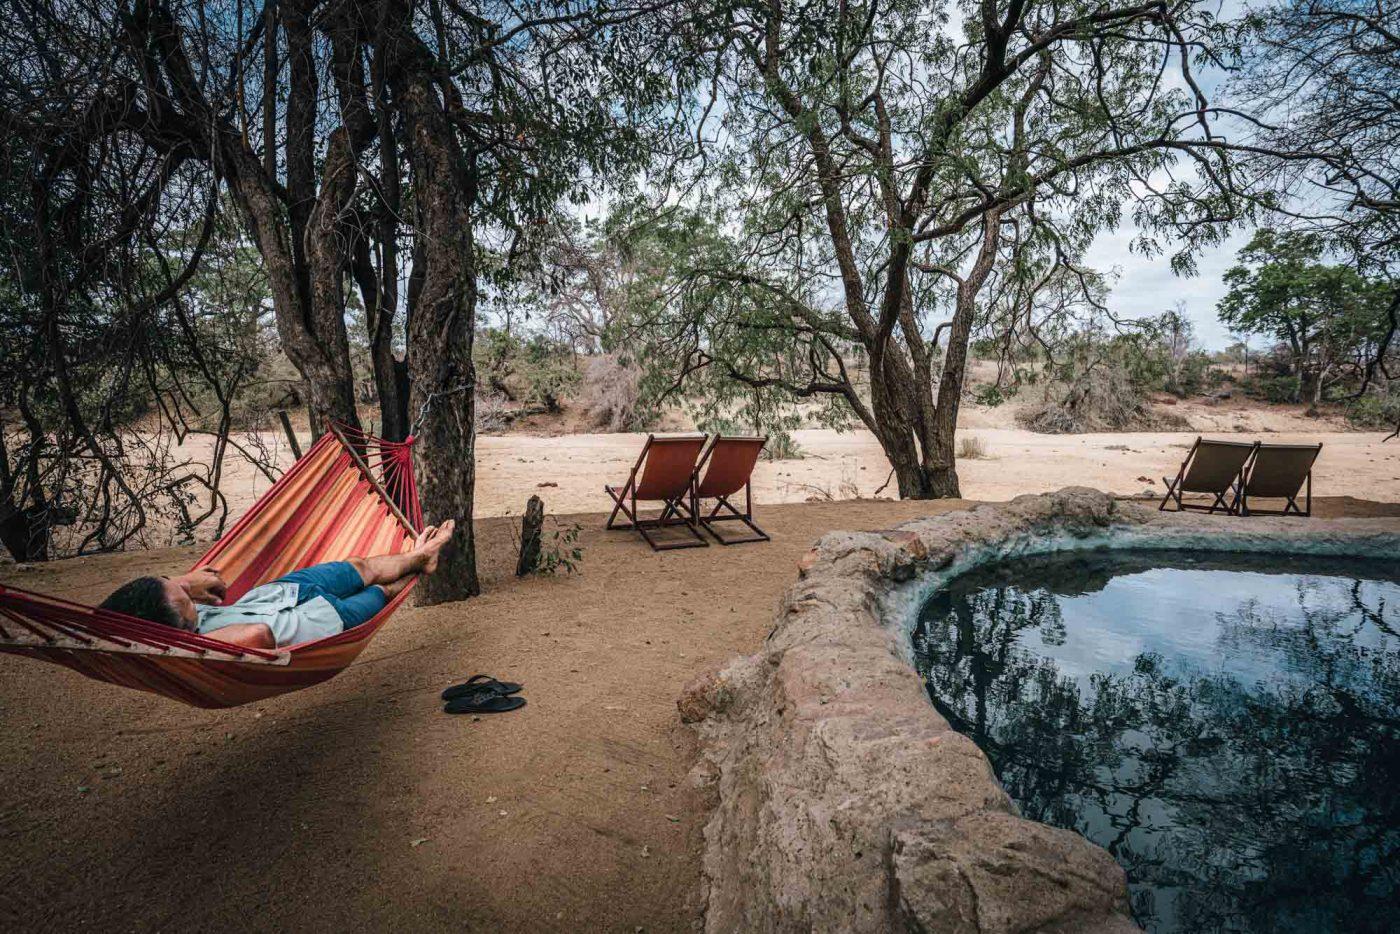 Pool hangs at Umlani Bushcamp, Timbavati Nature Reserve